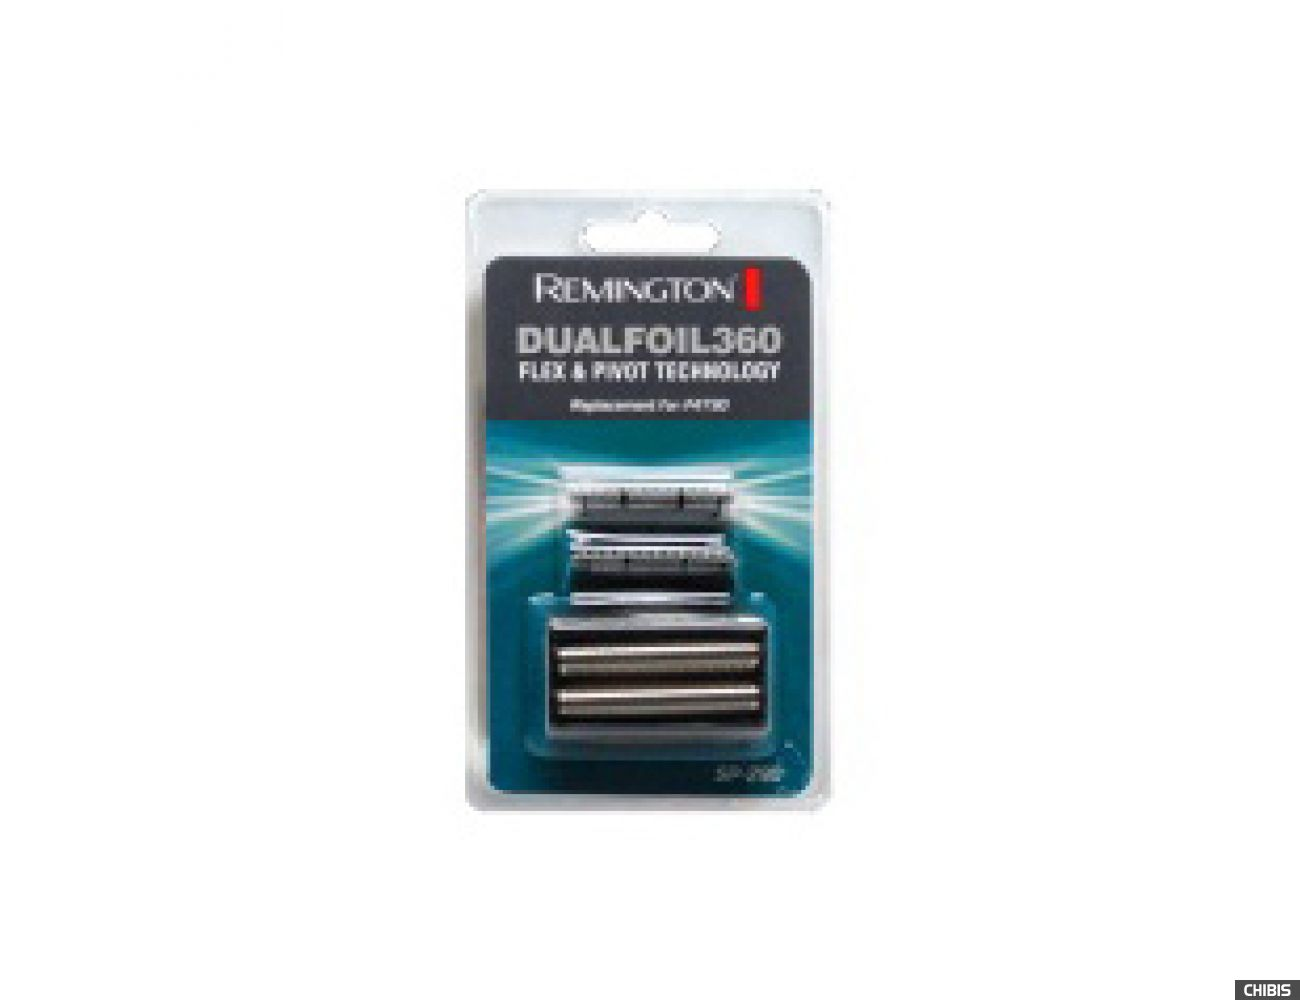 Сетка и режущий блок Remington SP290 Dualfoil 360 (44091530400) для F4790